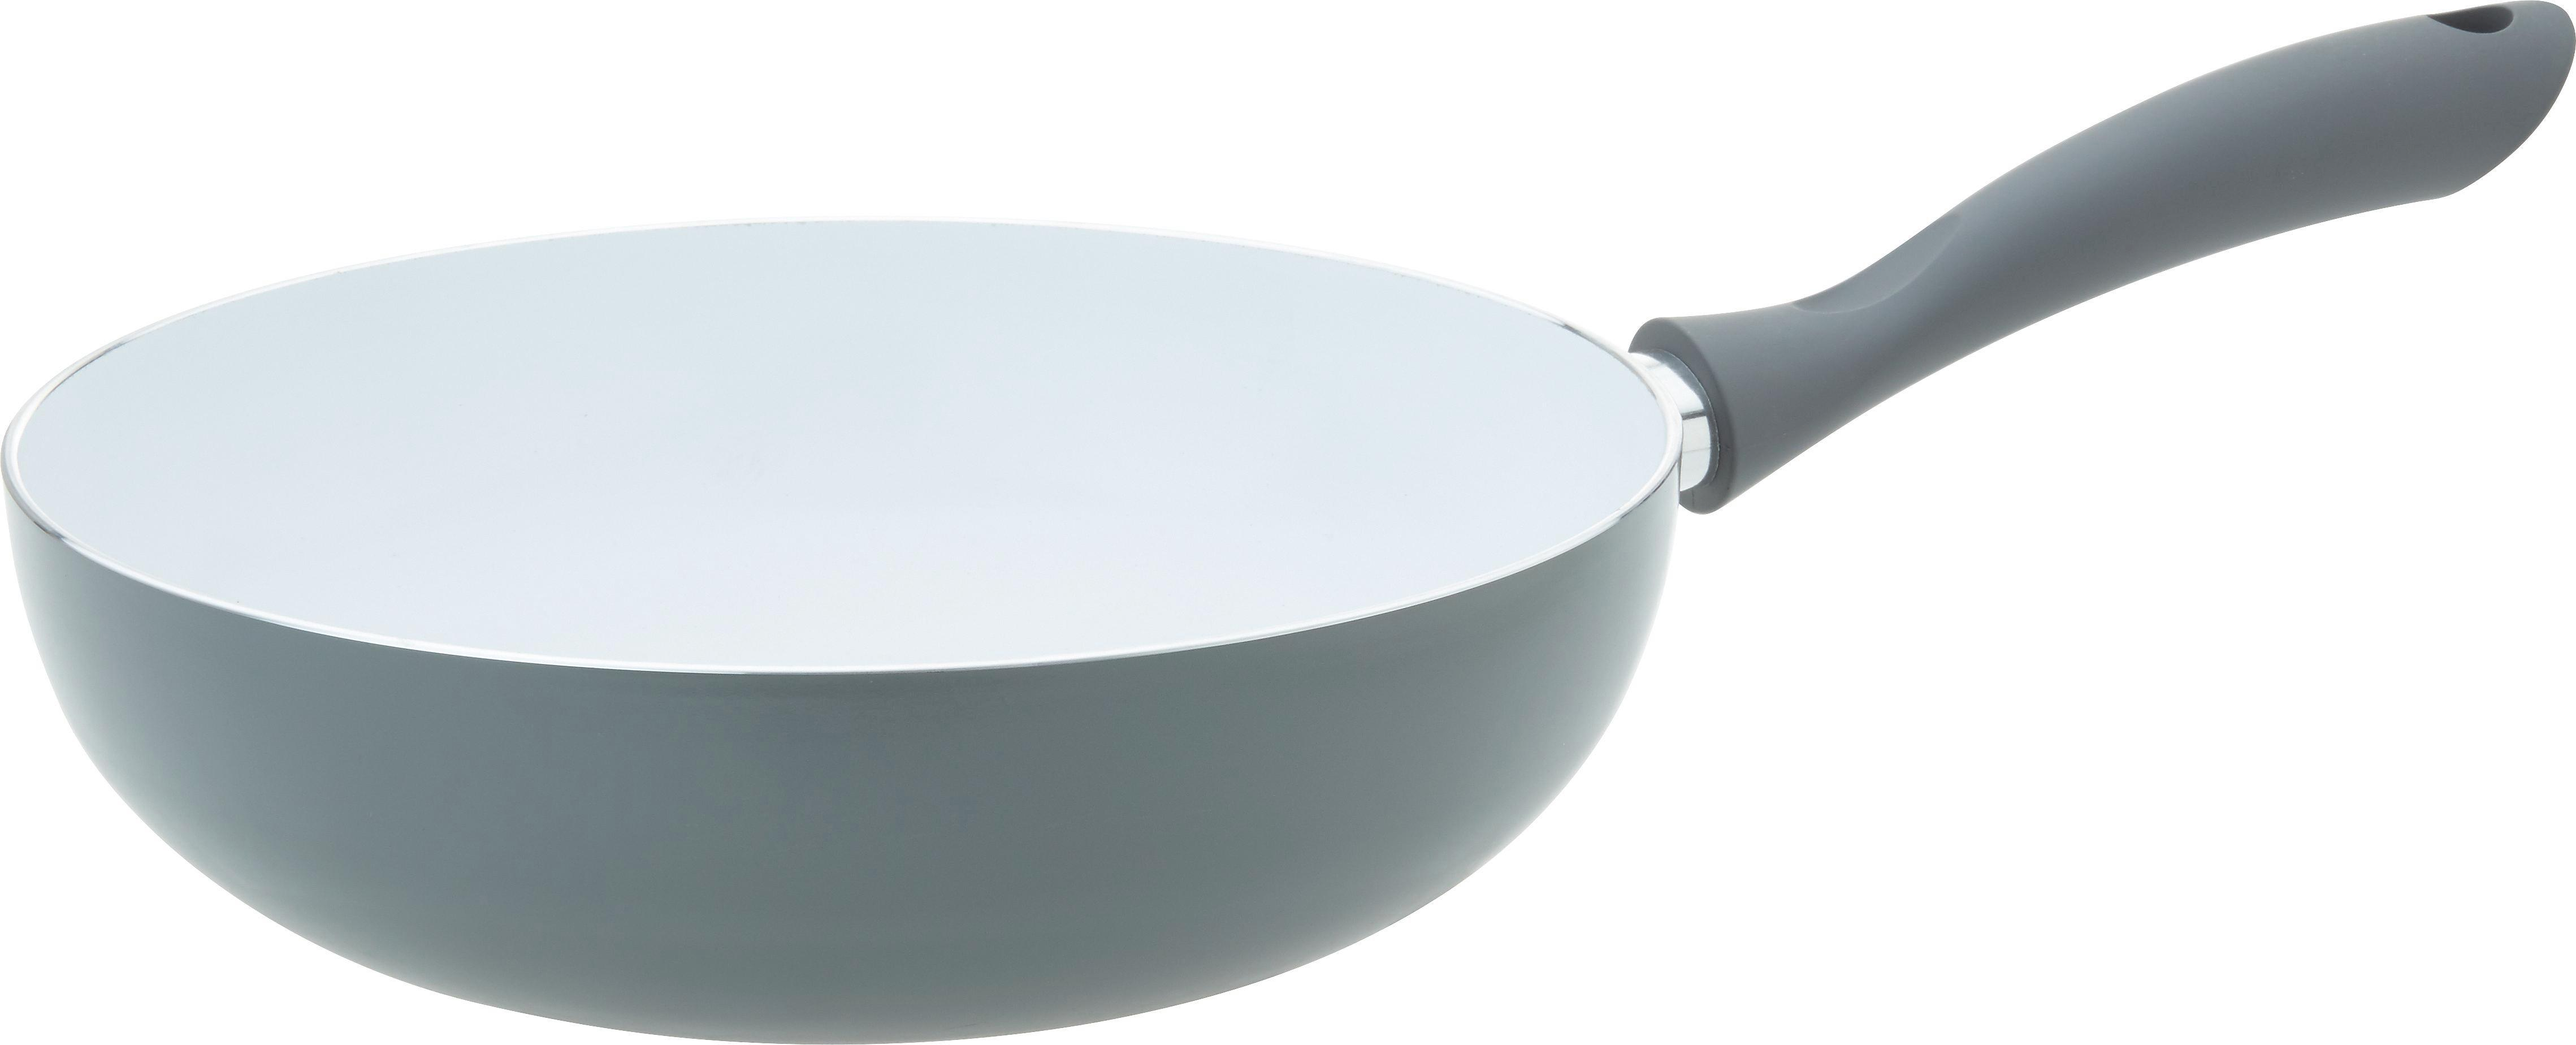 Wok Sonia mit Keramikbeschichtung - Weiß/Grau, MODERN, Keramik/Kunststoff (28cm)